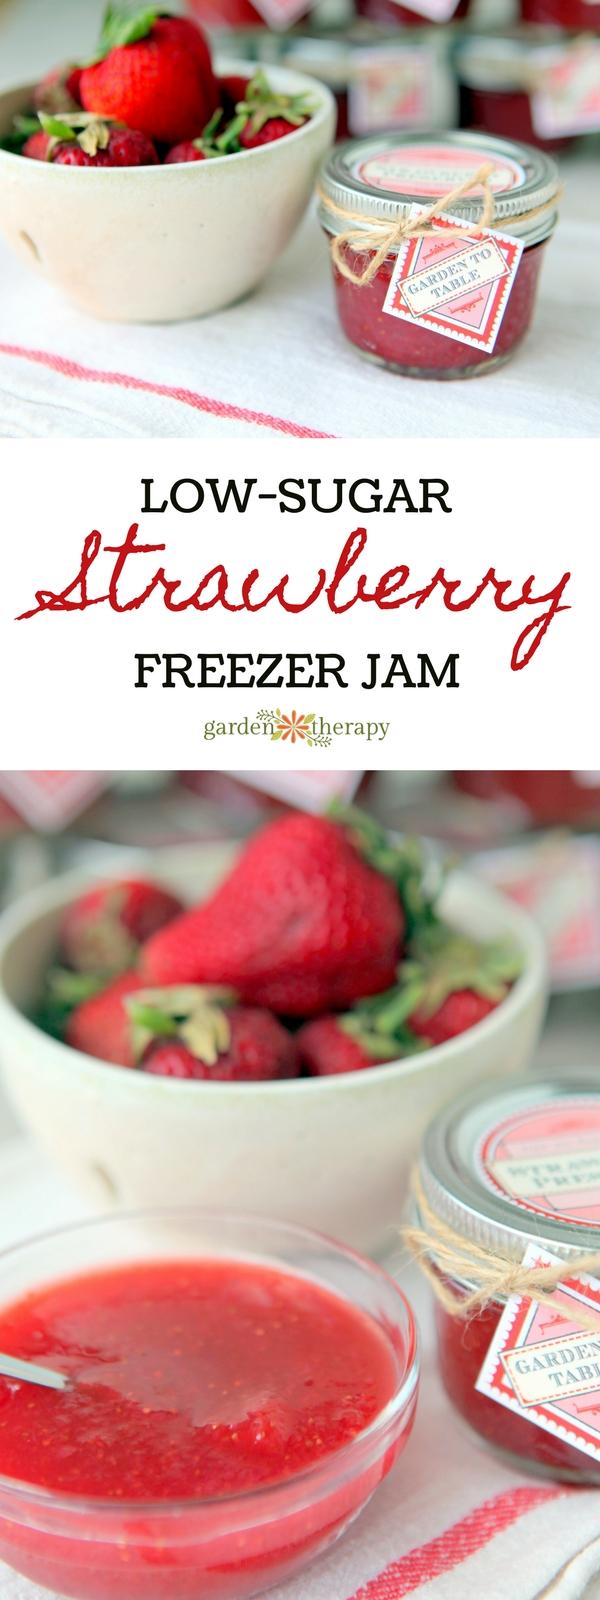 Low-Sugar Strawberry Freezer Jam